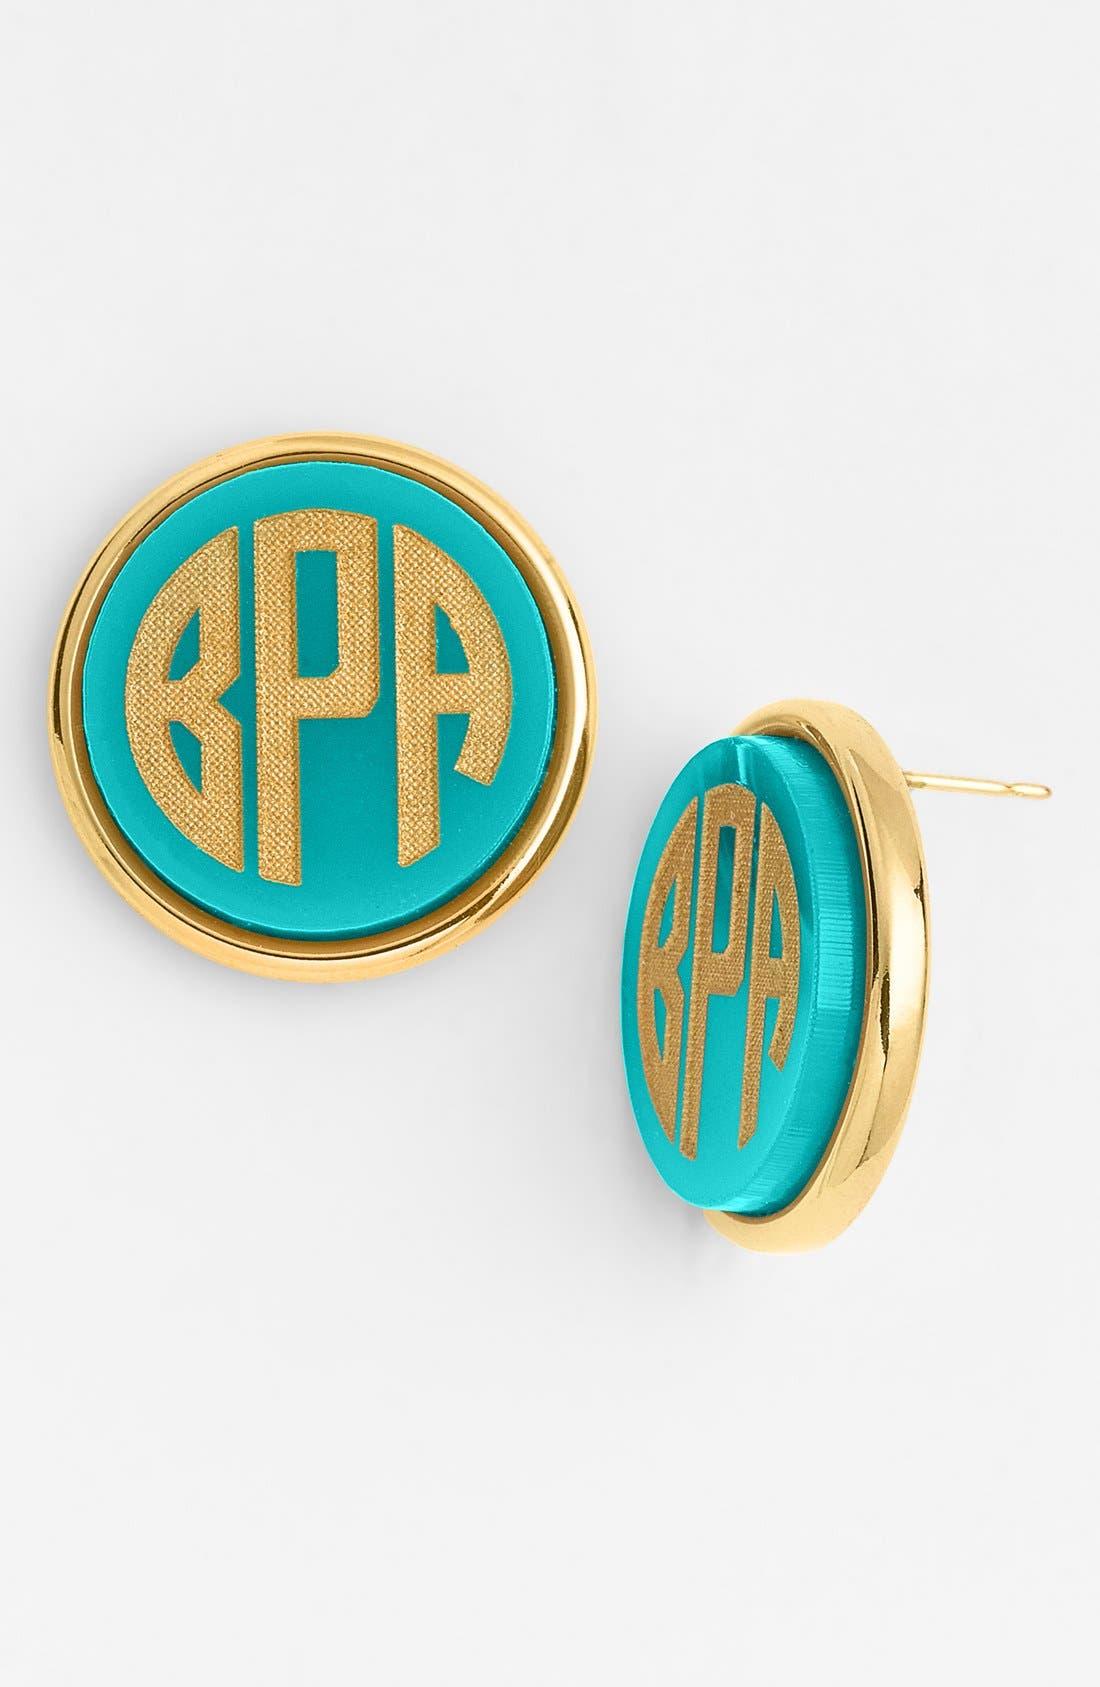 MOON AND LOLA Vineyard Personalized Monogram Stud Earrings